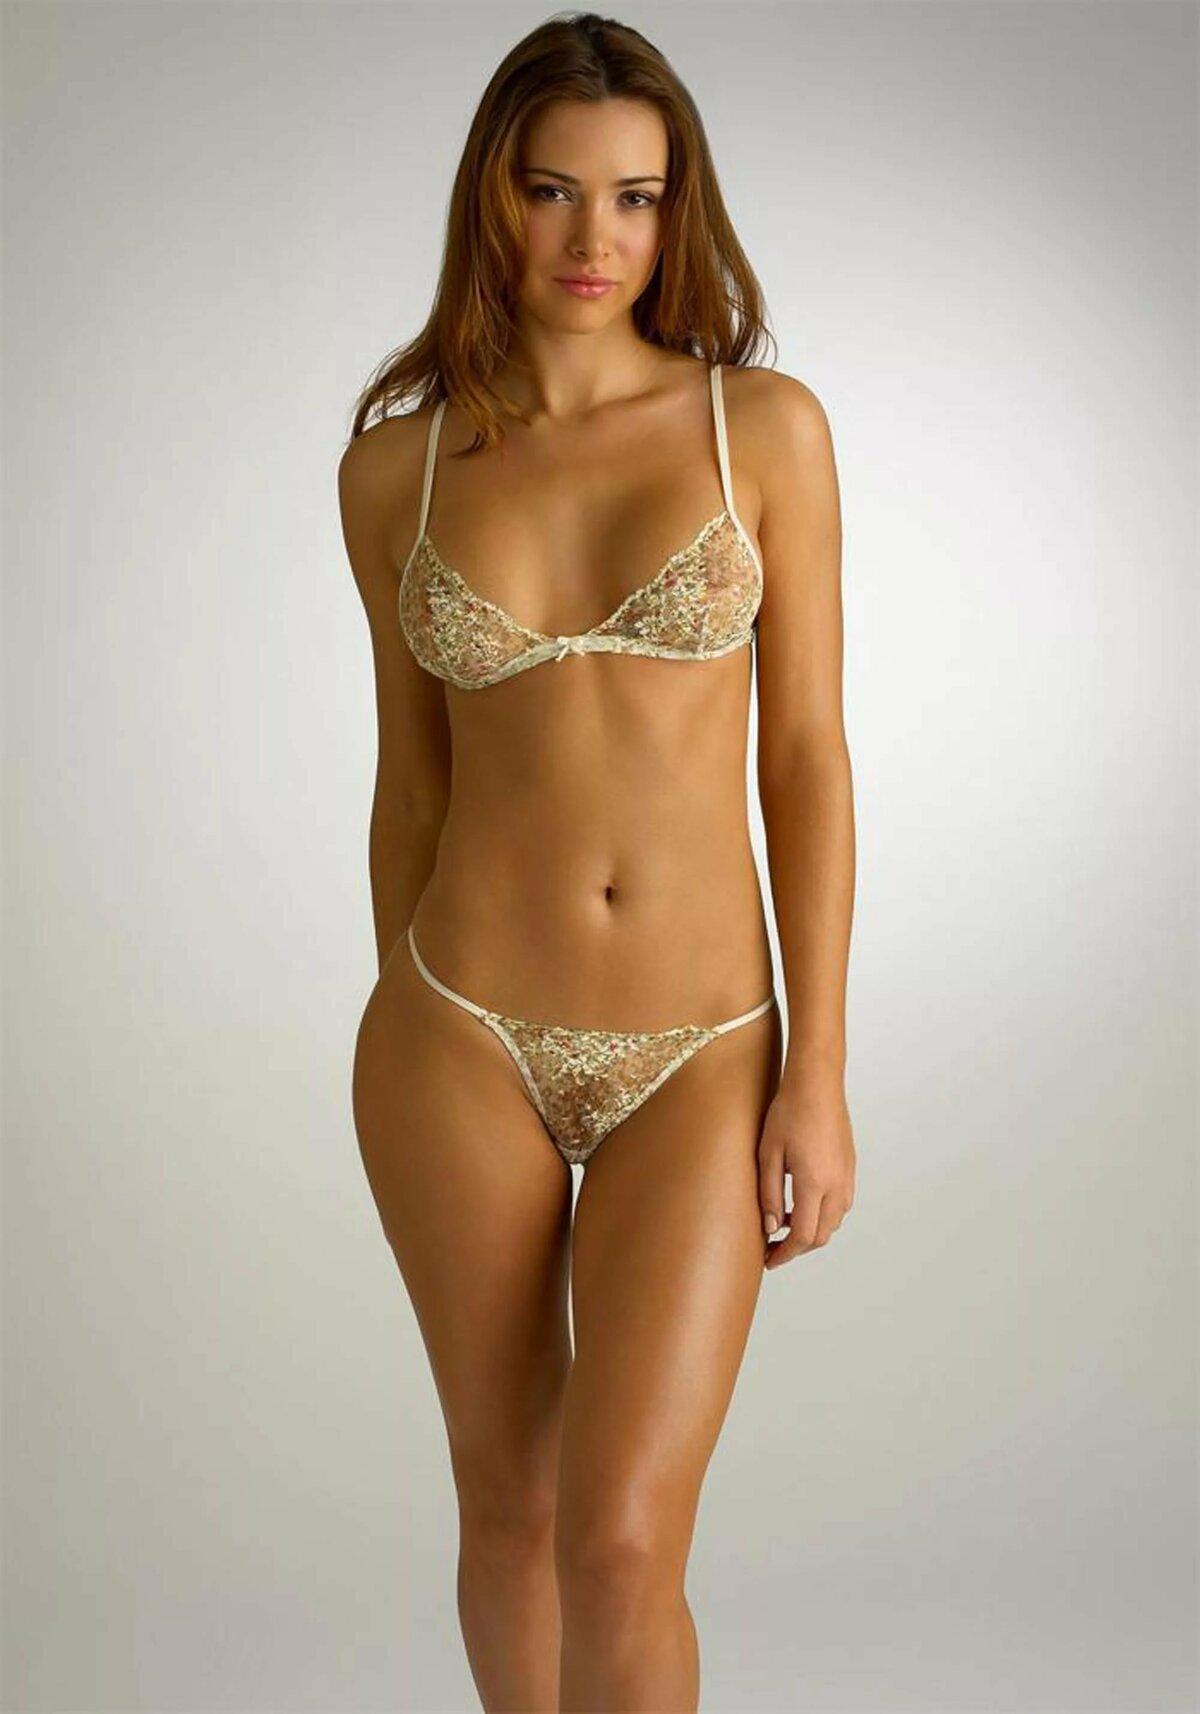 Alina vacariu free nude